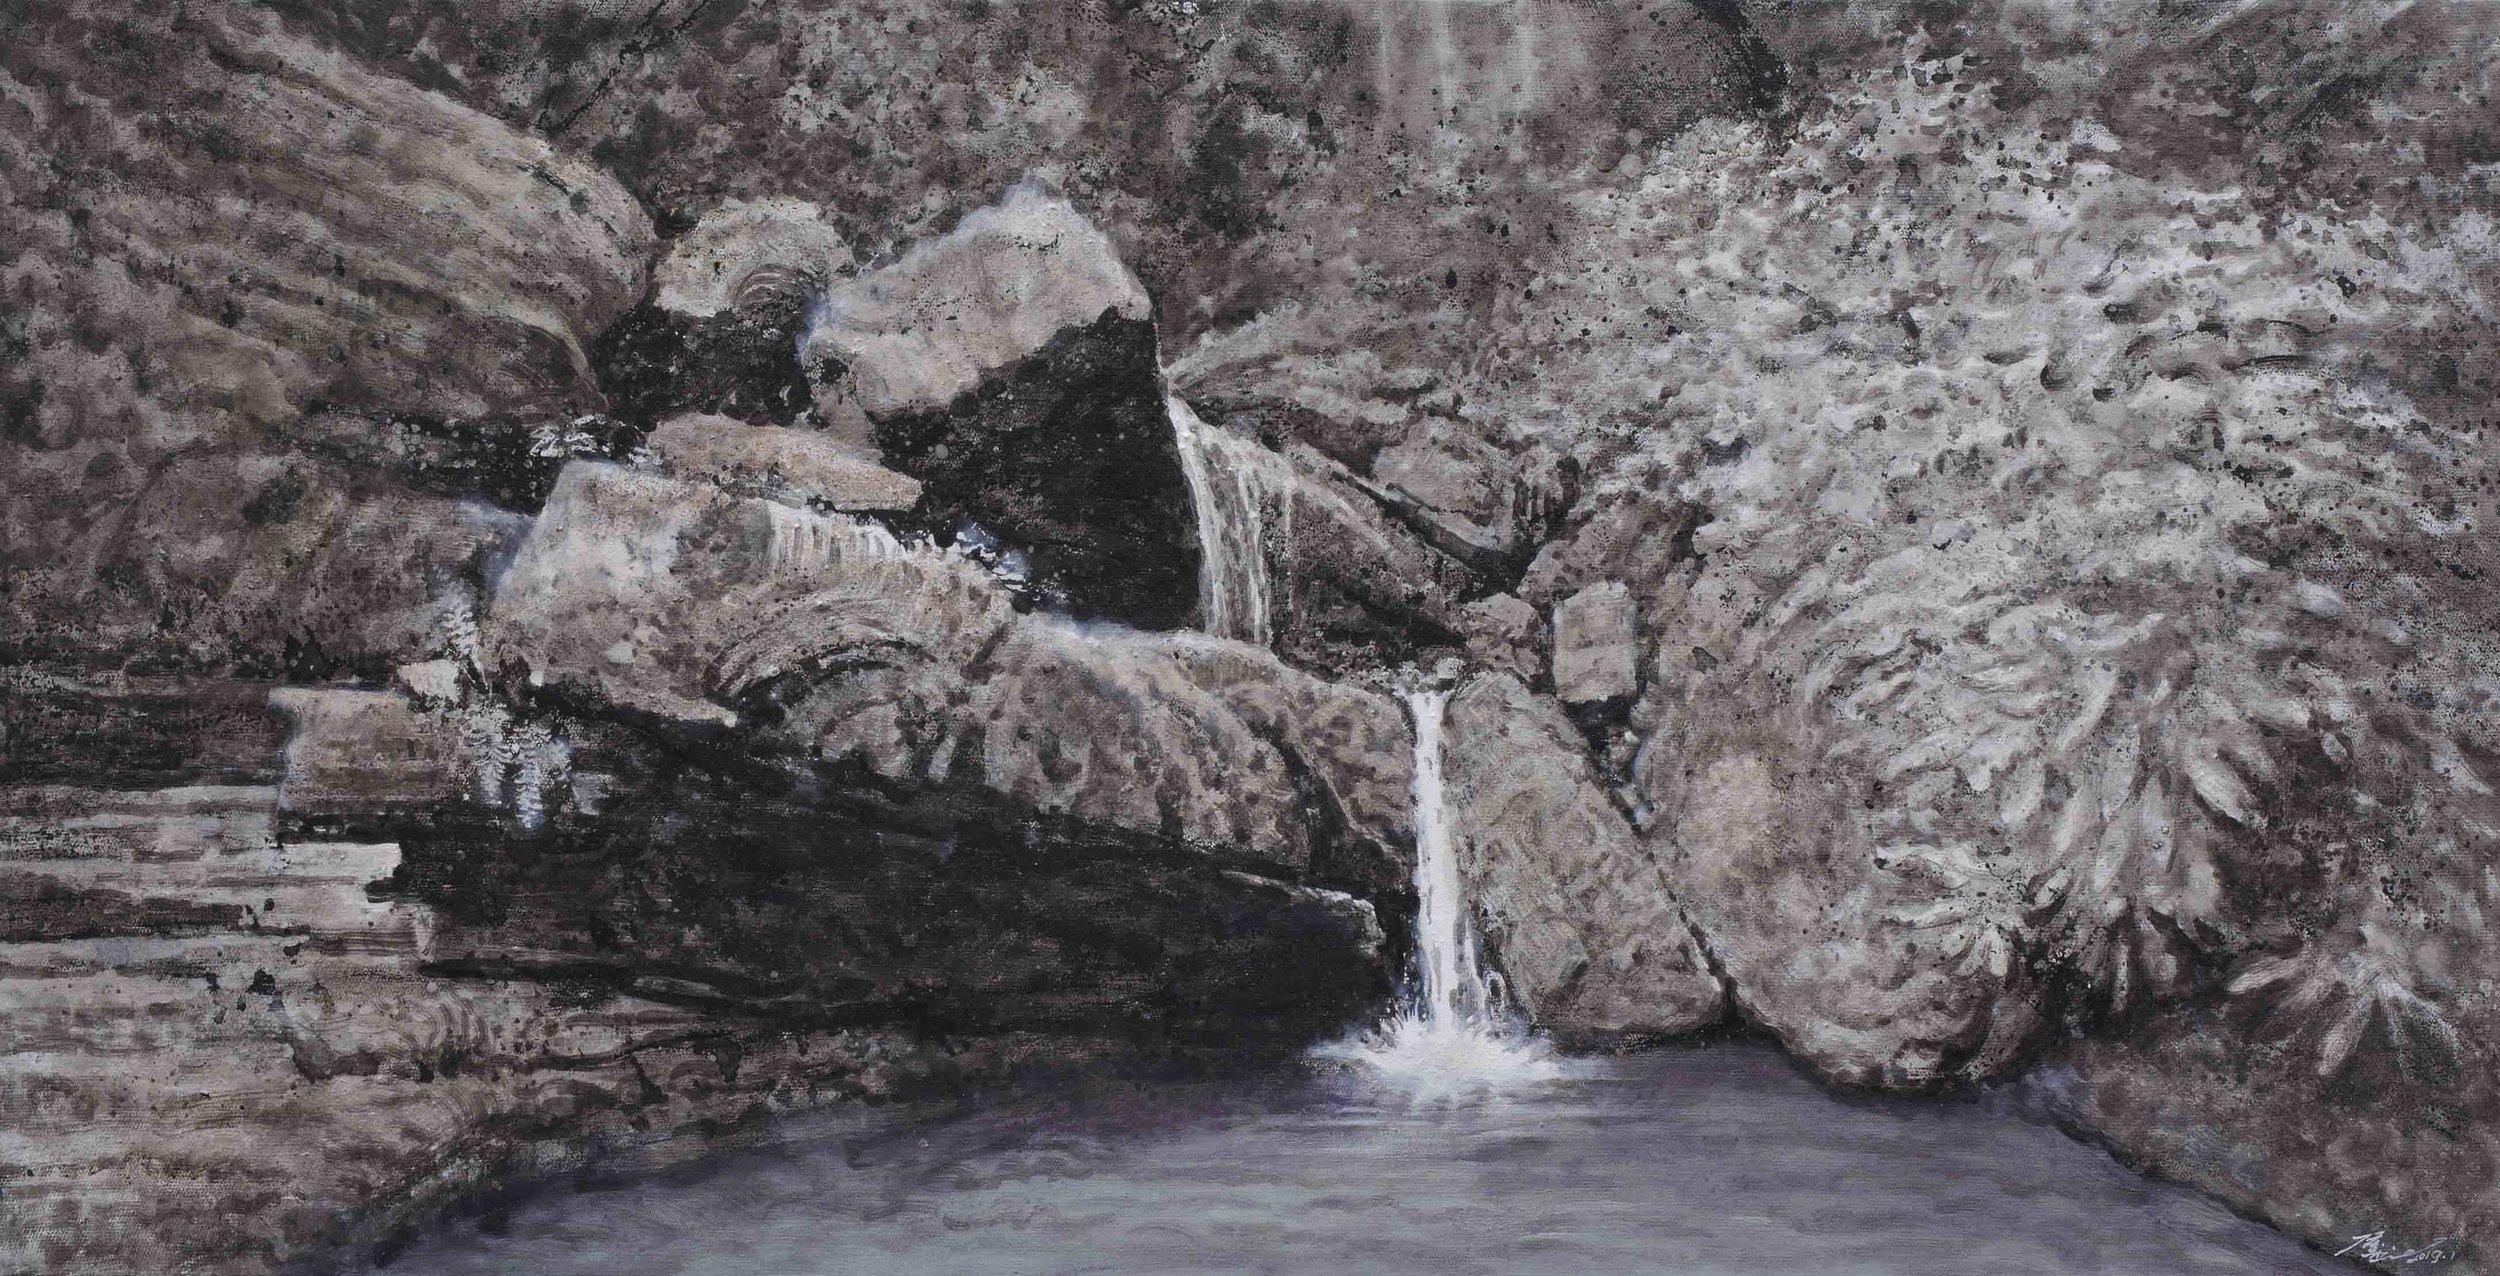 侯俊杰 HOU Junjie〈上善若水·聽泉NO.3 The Supreme Good is Like Water-Listening to the Spring NO.3〉